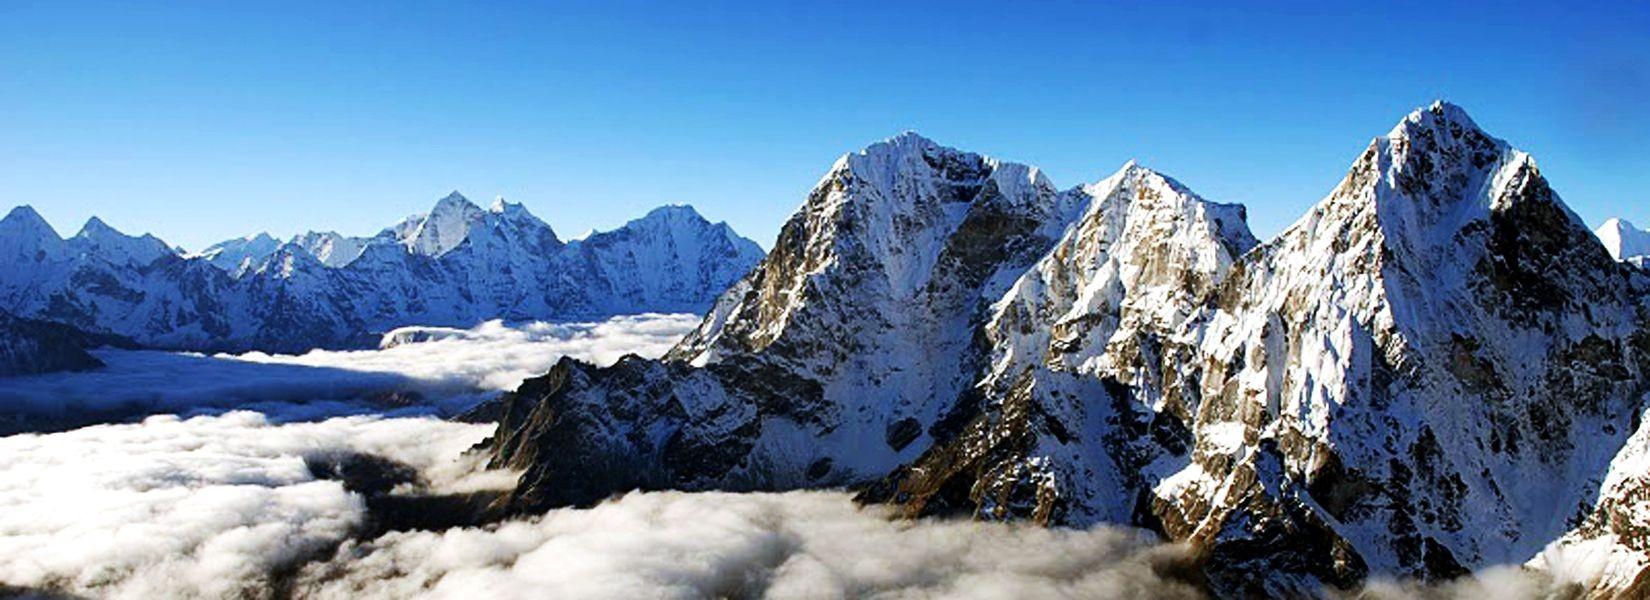 Lobuche Peak, Lobuche Peak Climbing, Lobuche Peak trekking